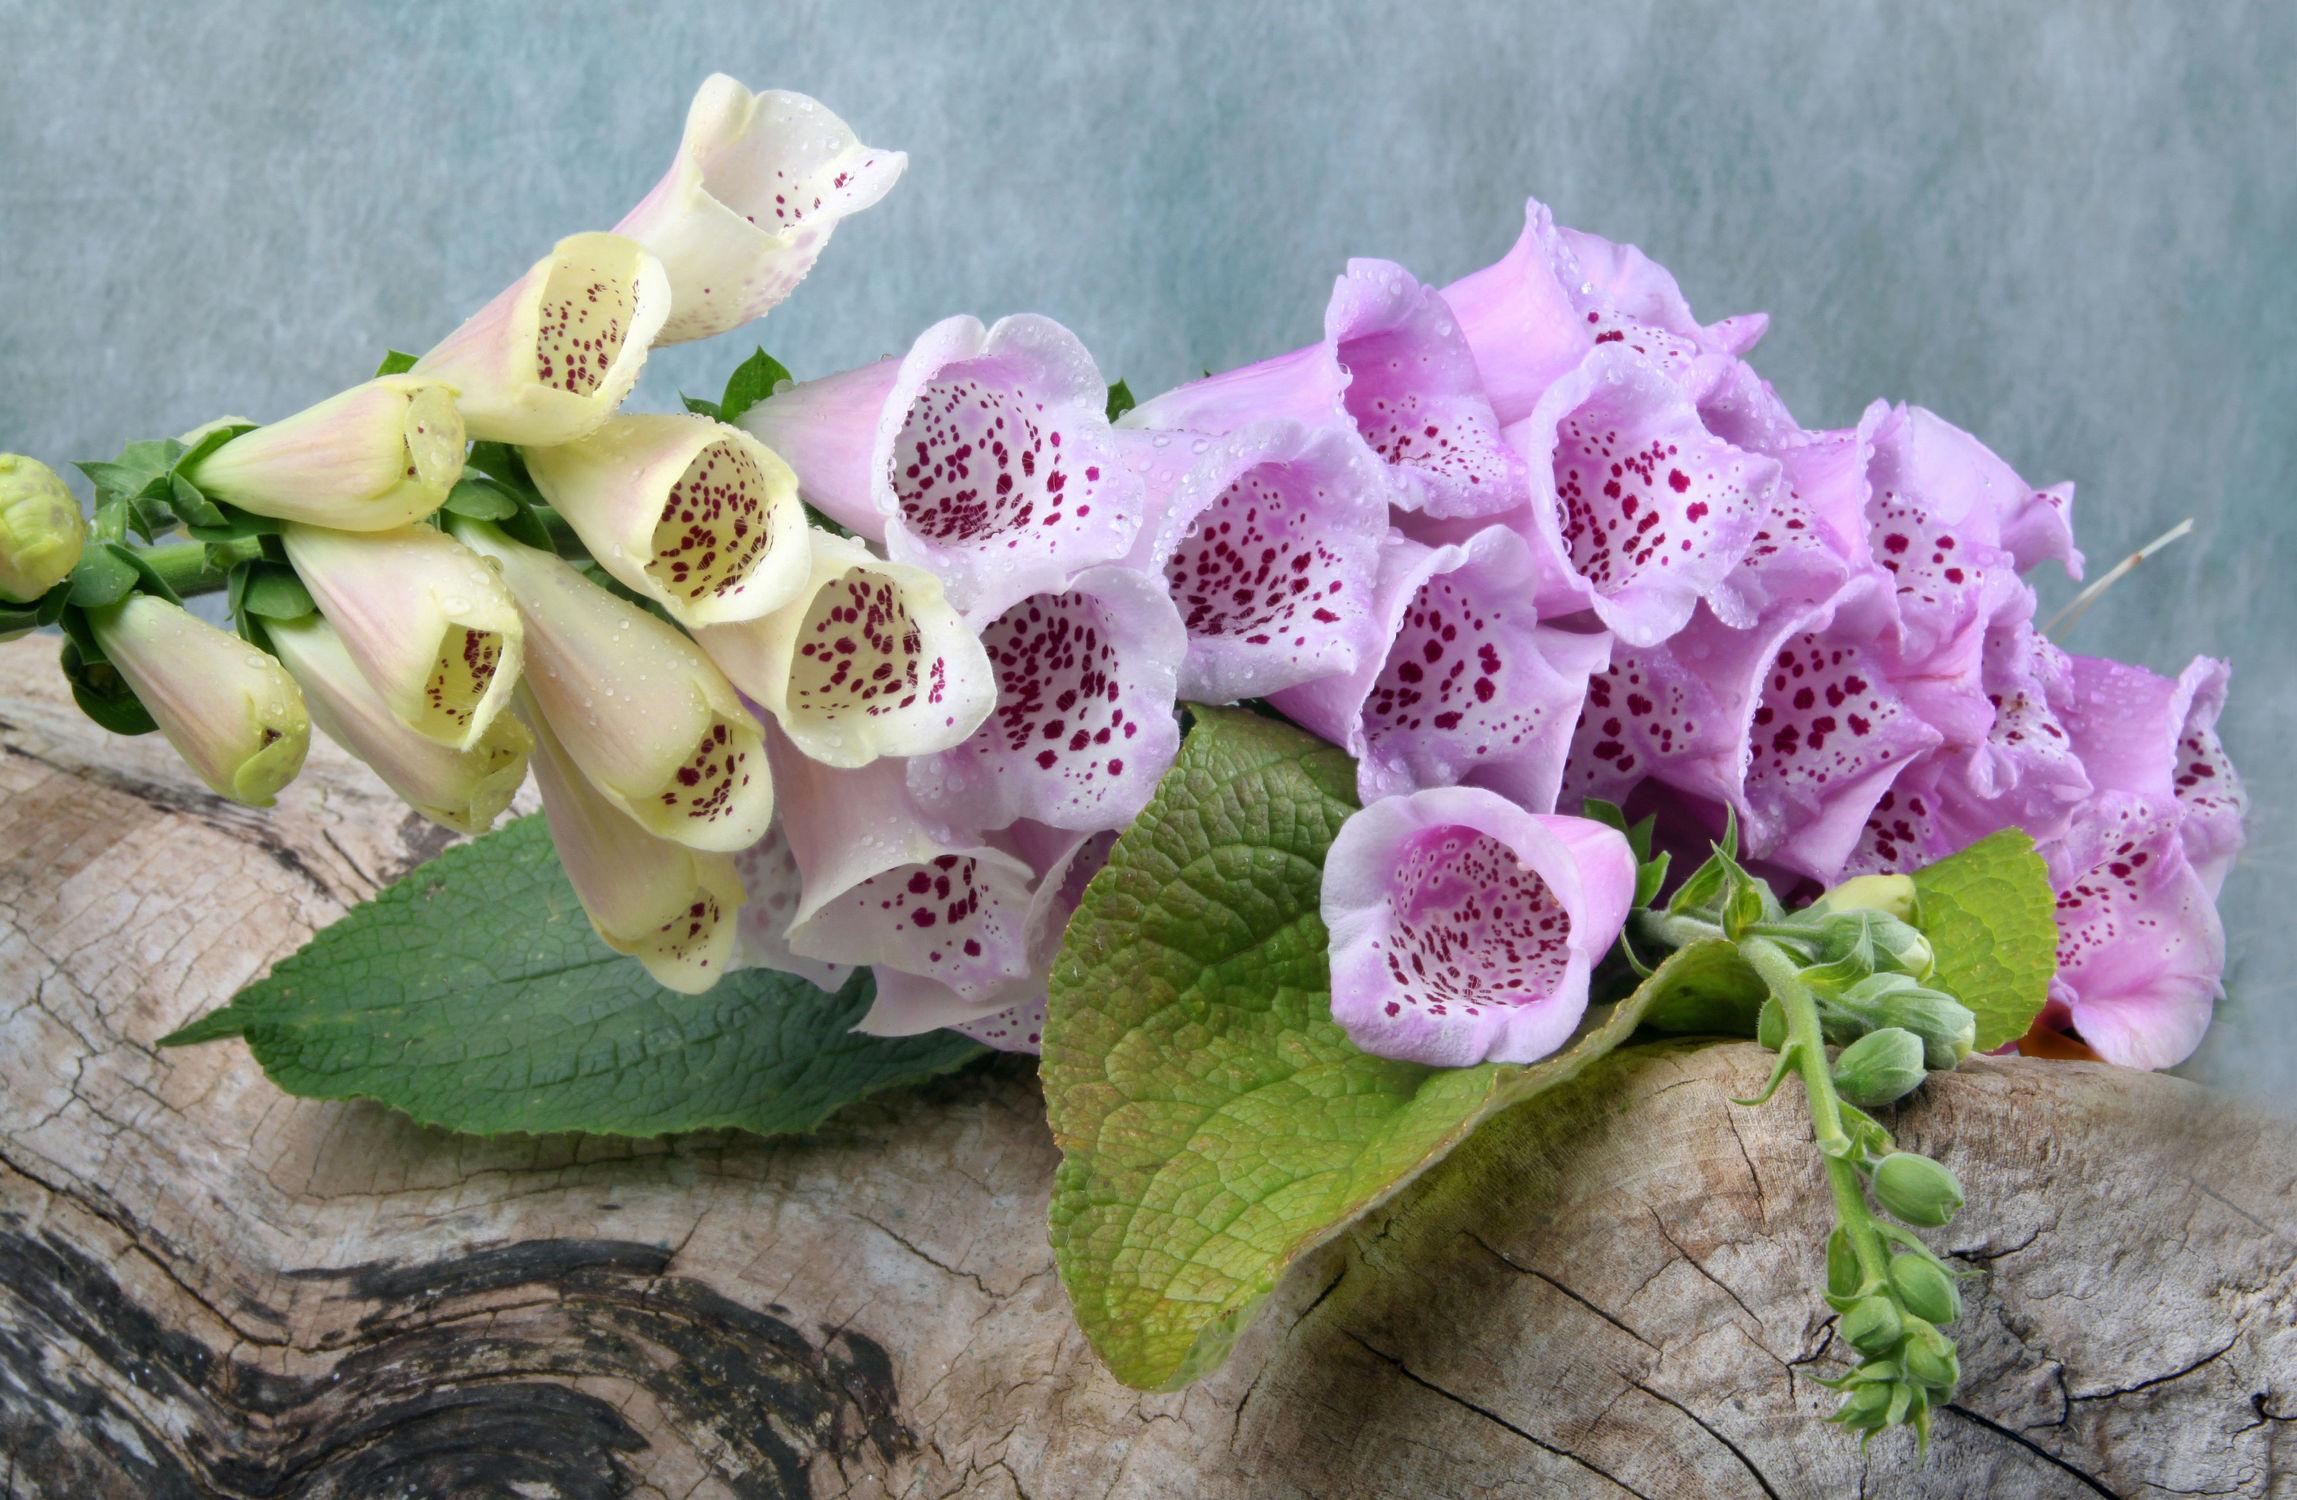 Bild mit Pflanzen, Blumen, Baum, Blume, Pflanze, Floral, Floral, Stilleben, Blüten, Florales, blüte, fingerhüte, fingerhut